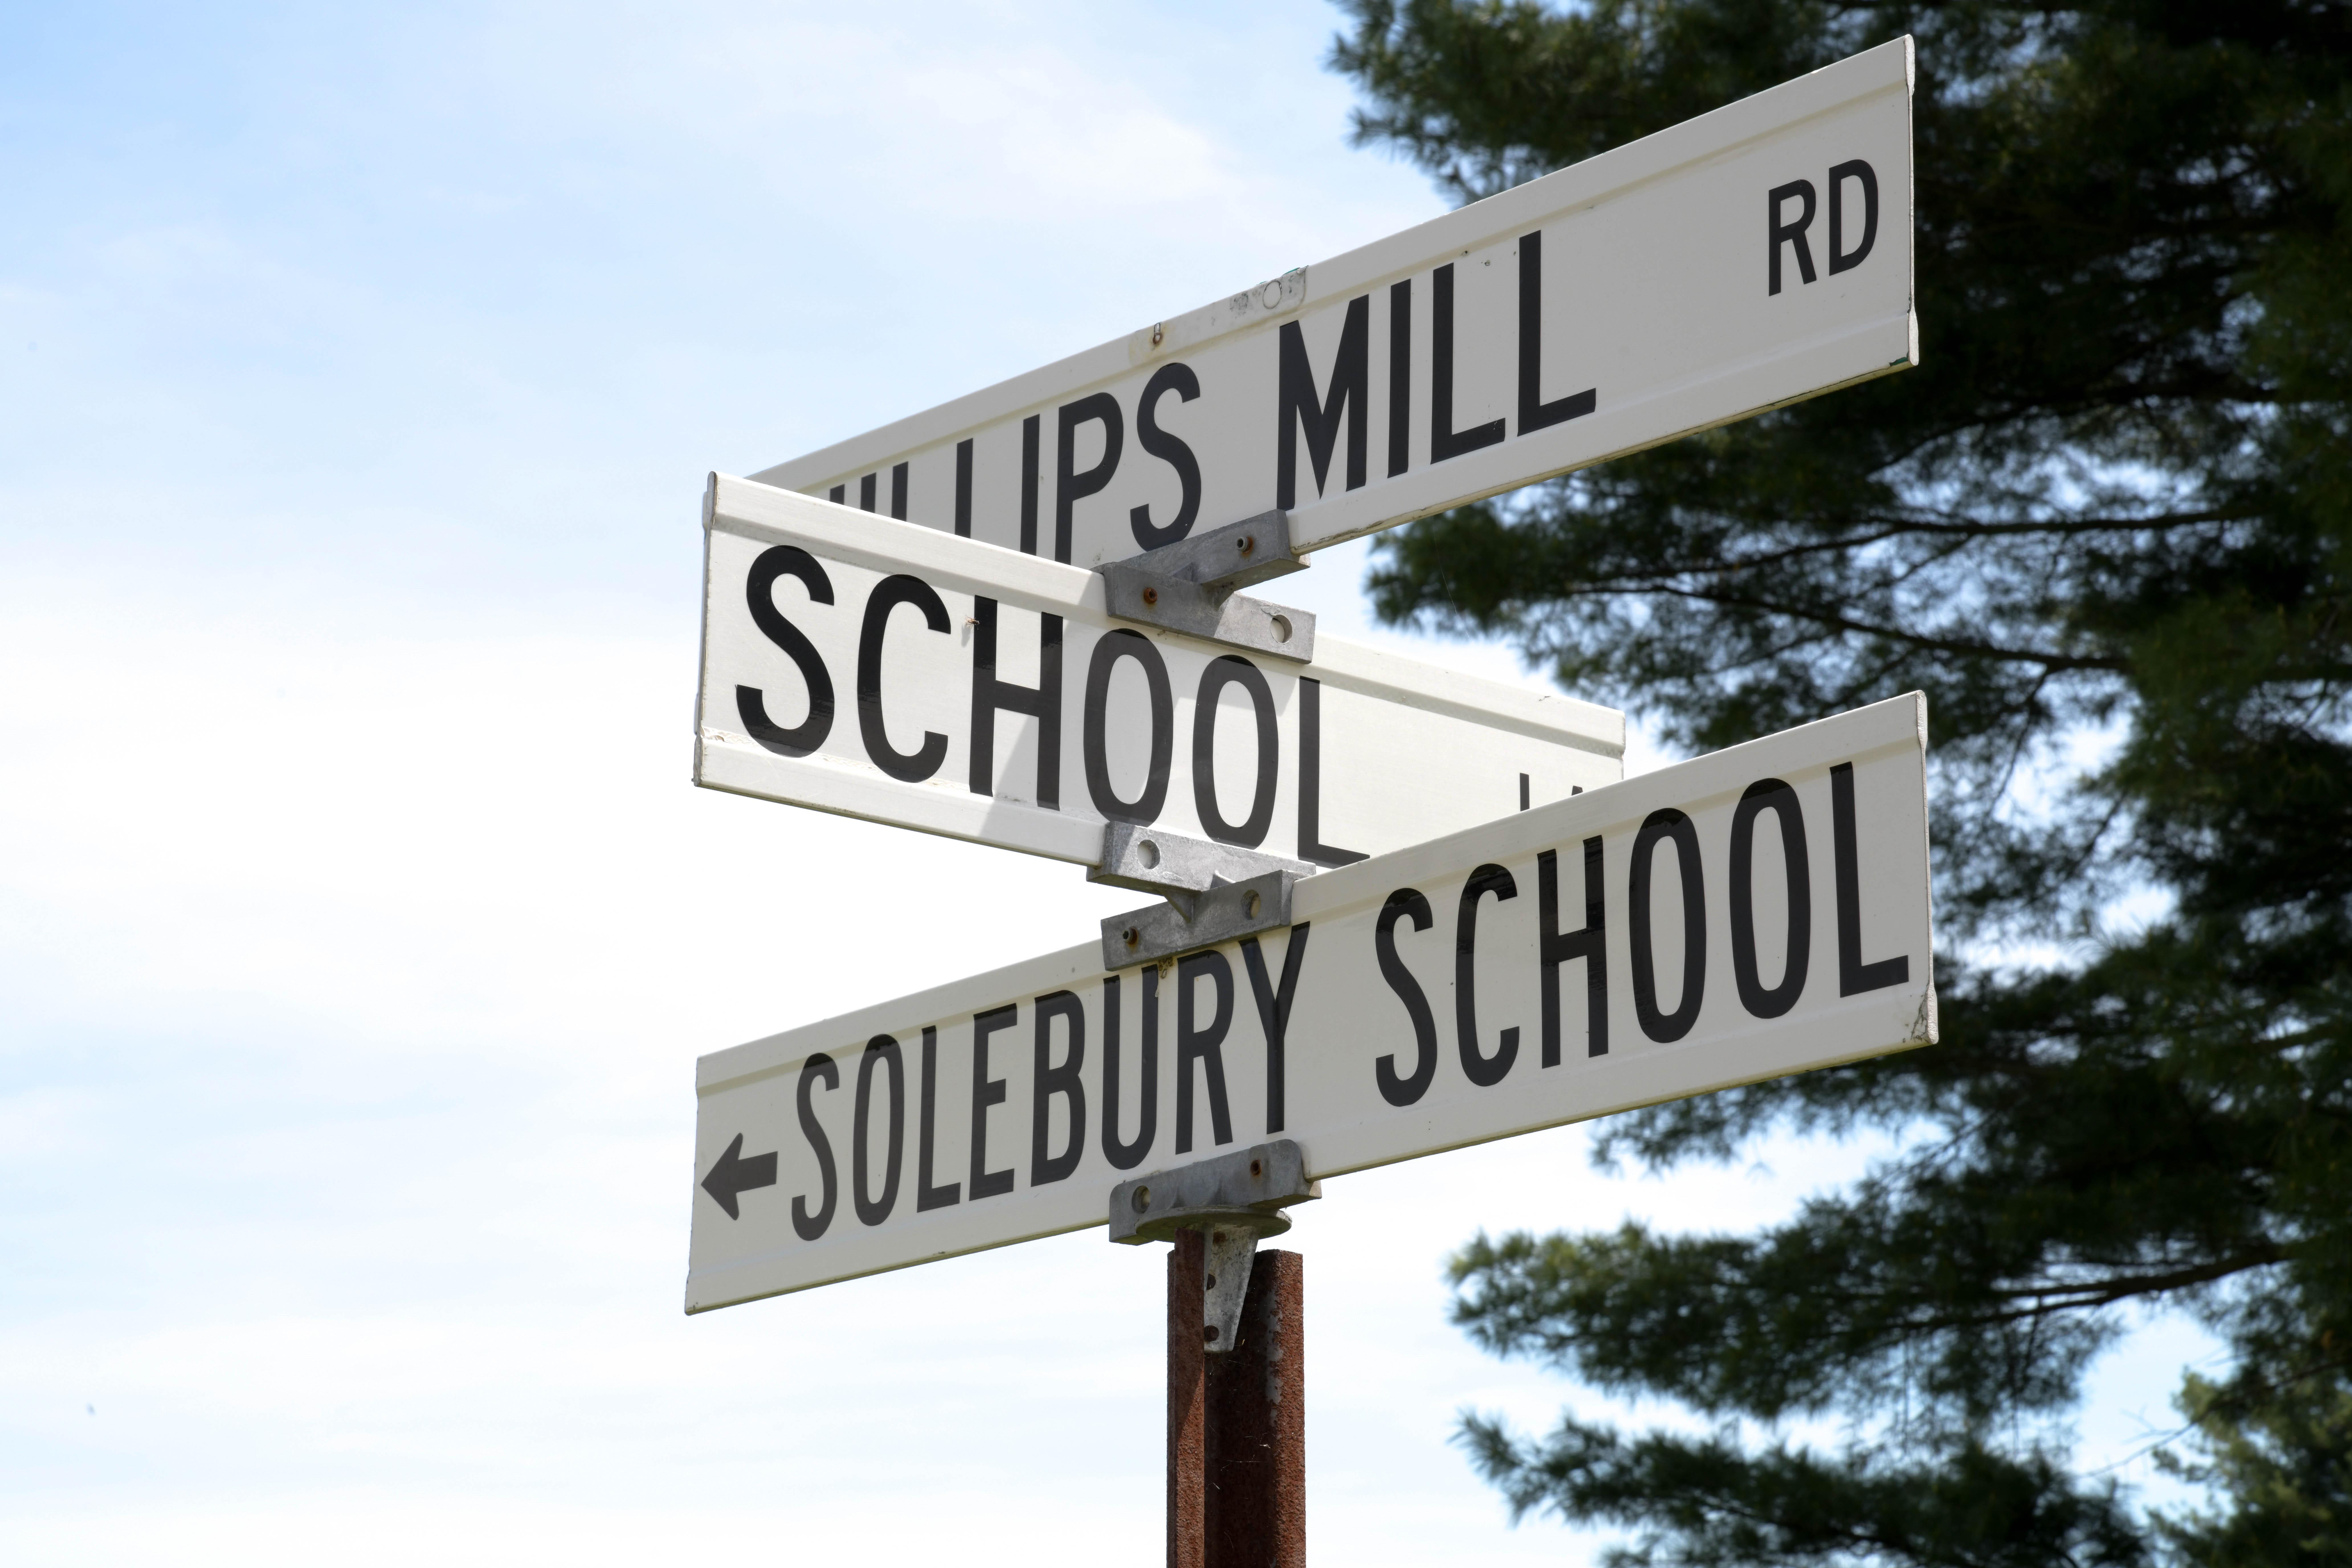 School - Solebury School  4